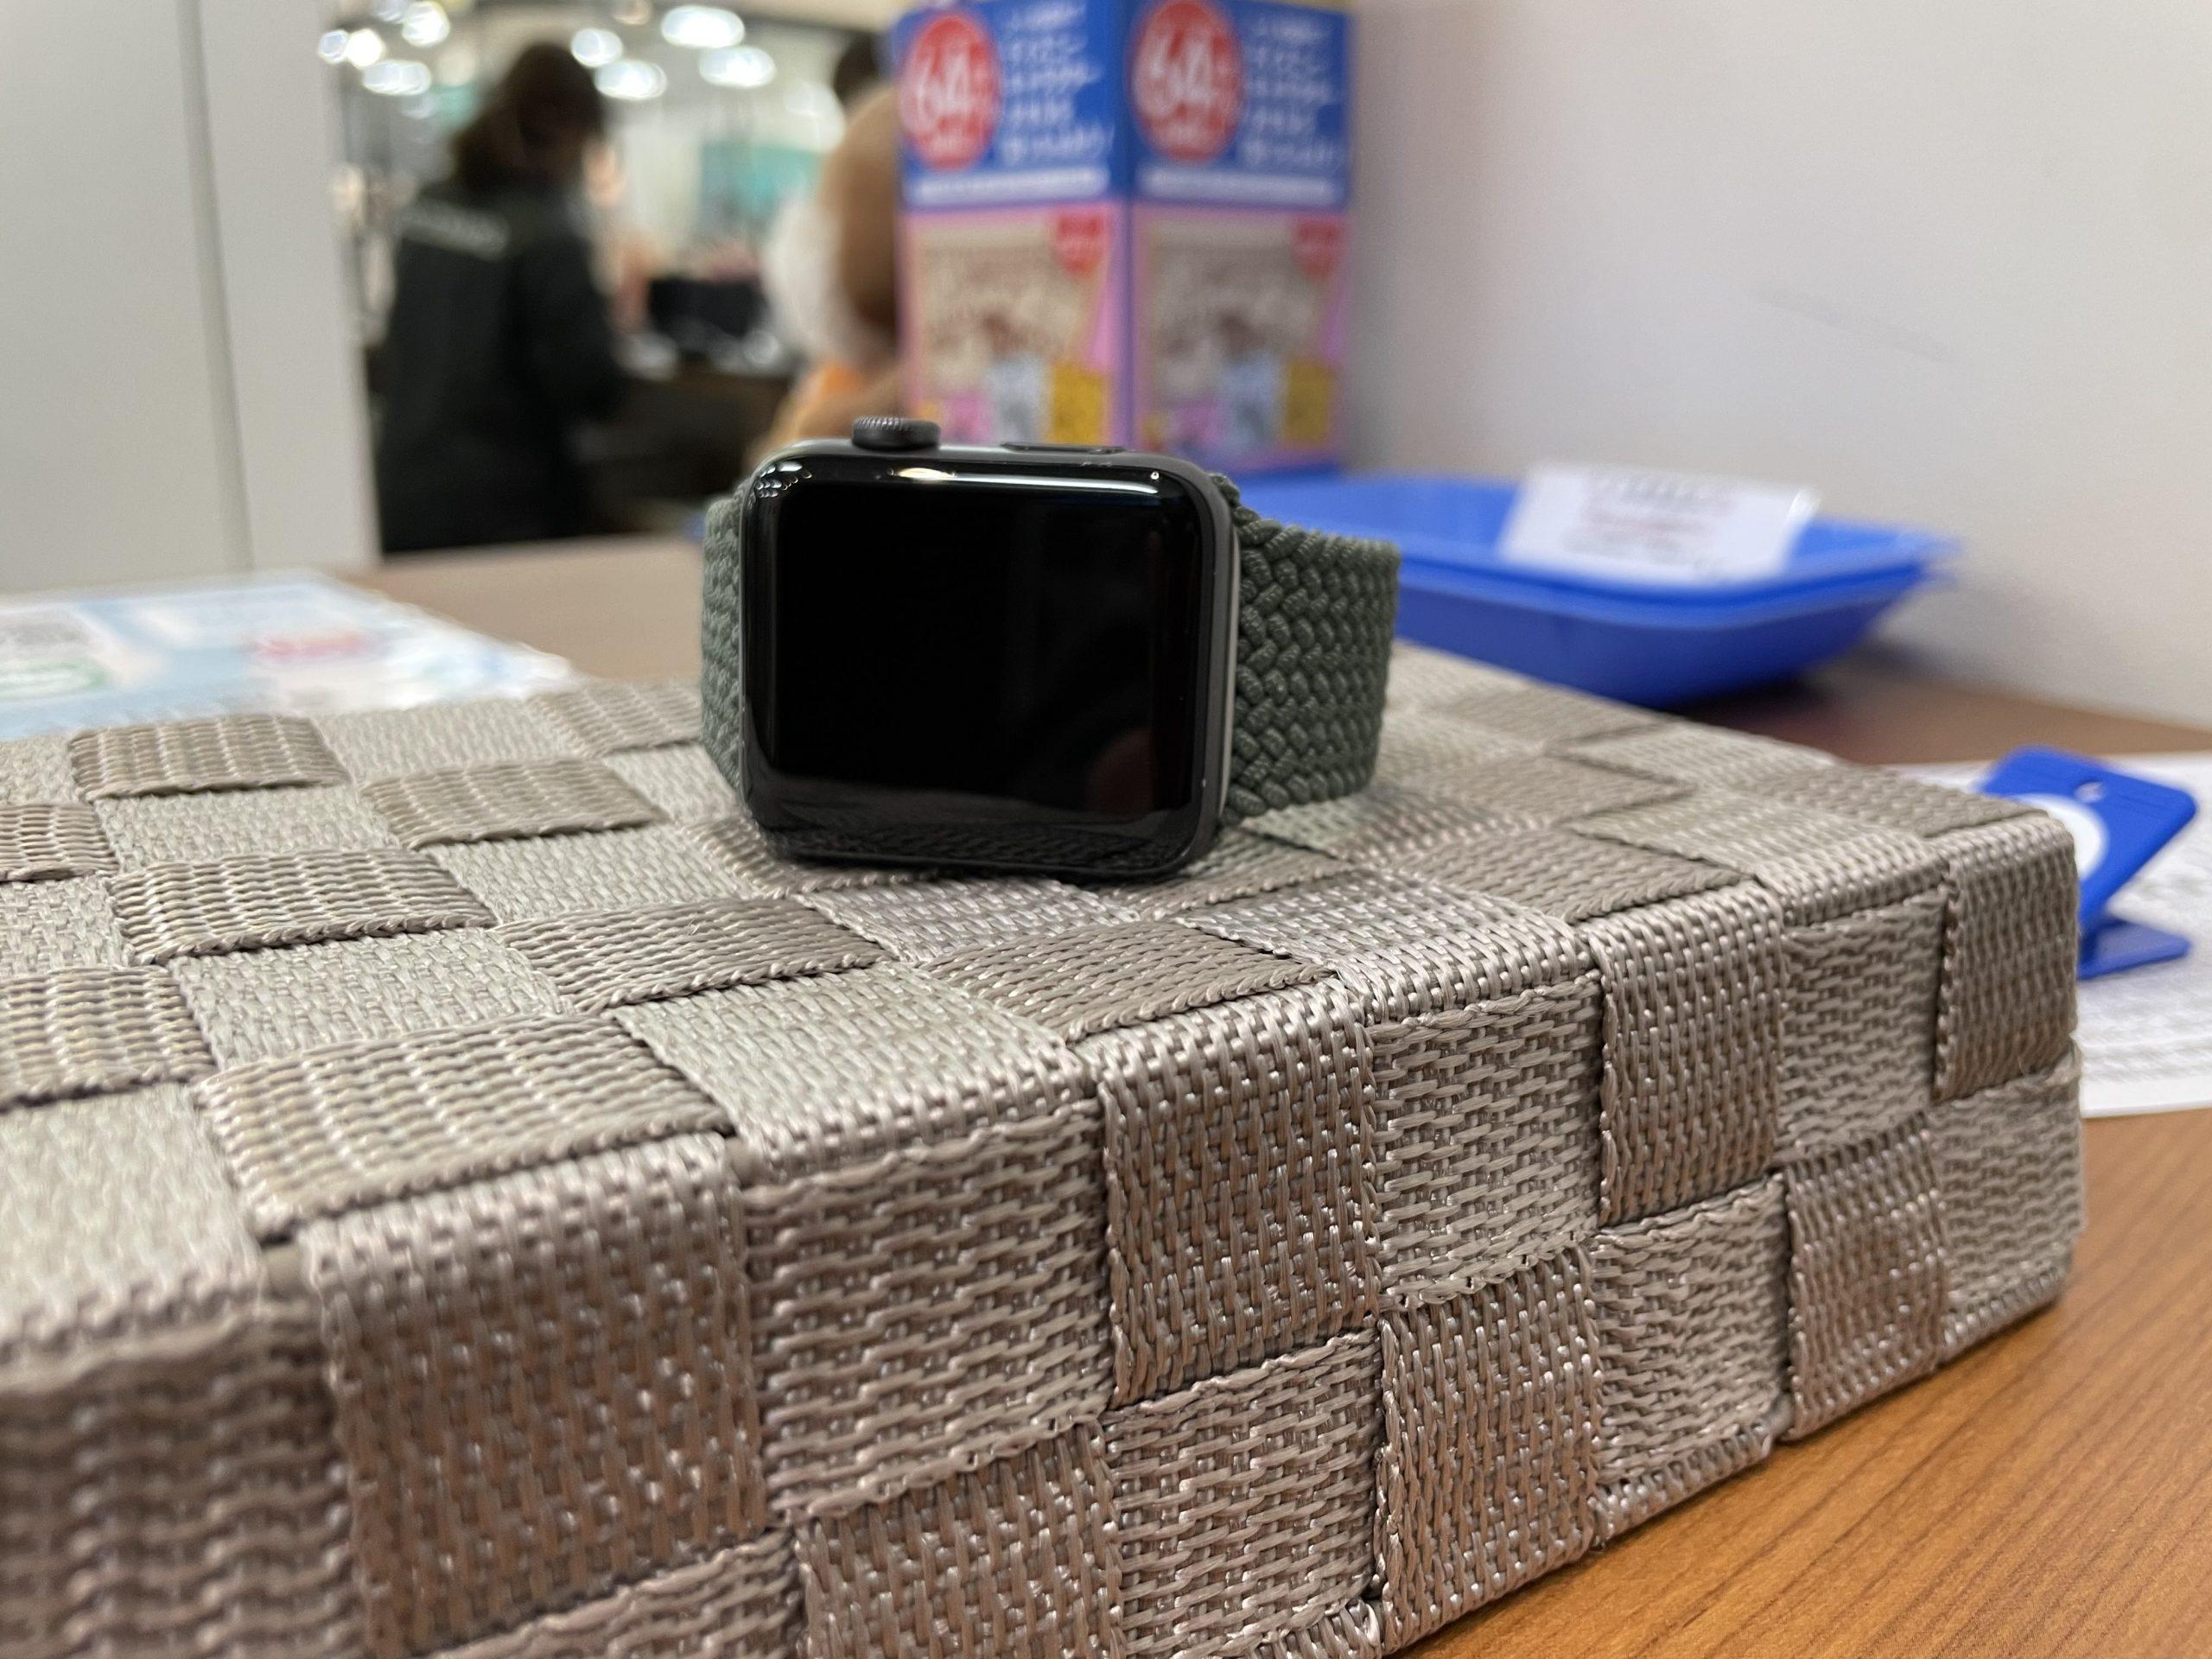 【ガラスコーティング紹介】Apple Watchにも施工できますよ⁉️〈多久市からご来店〉